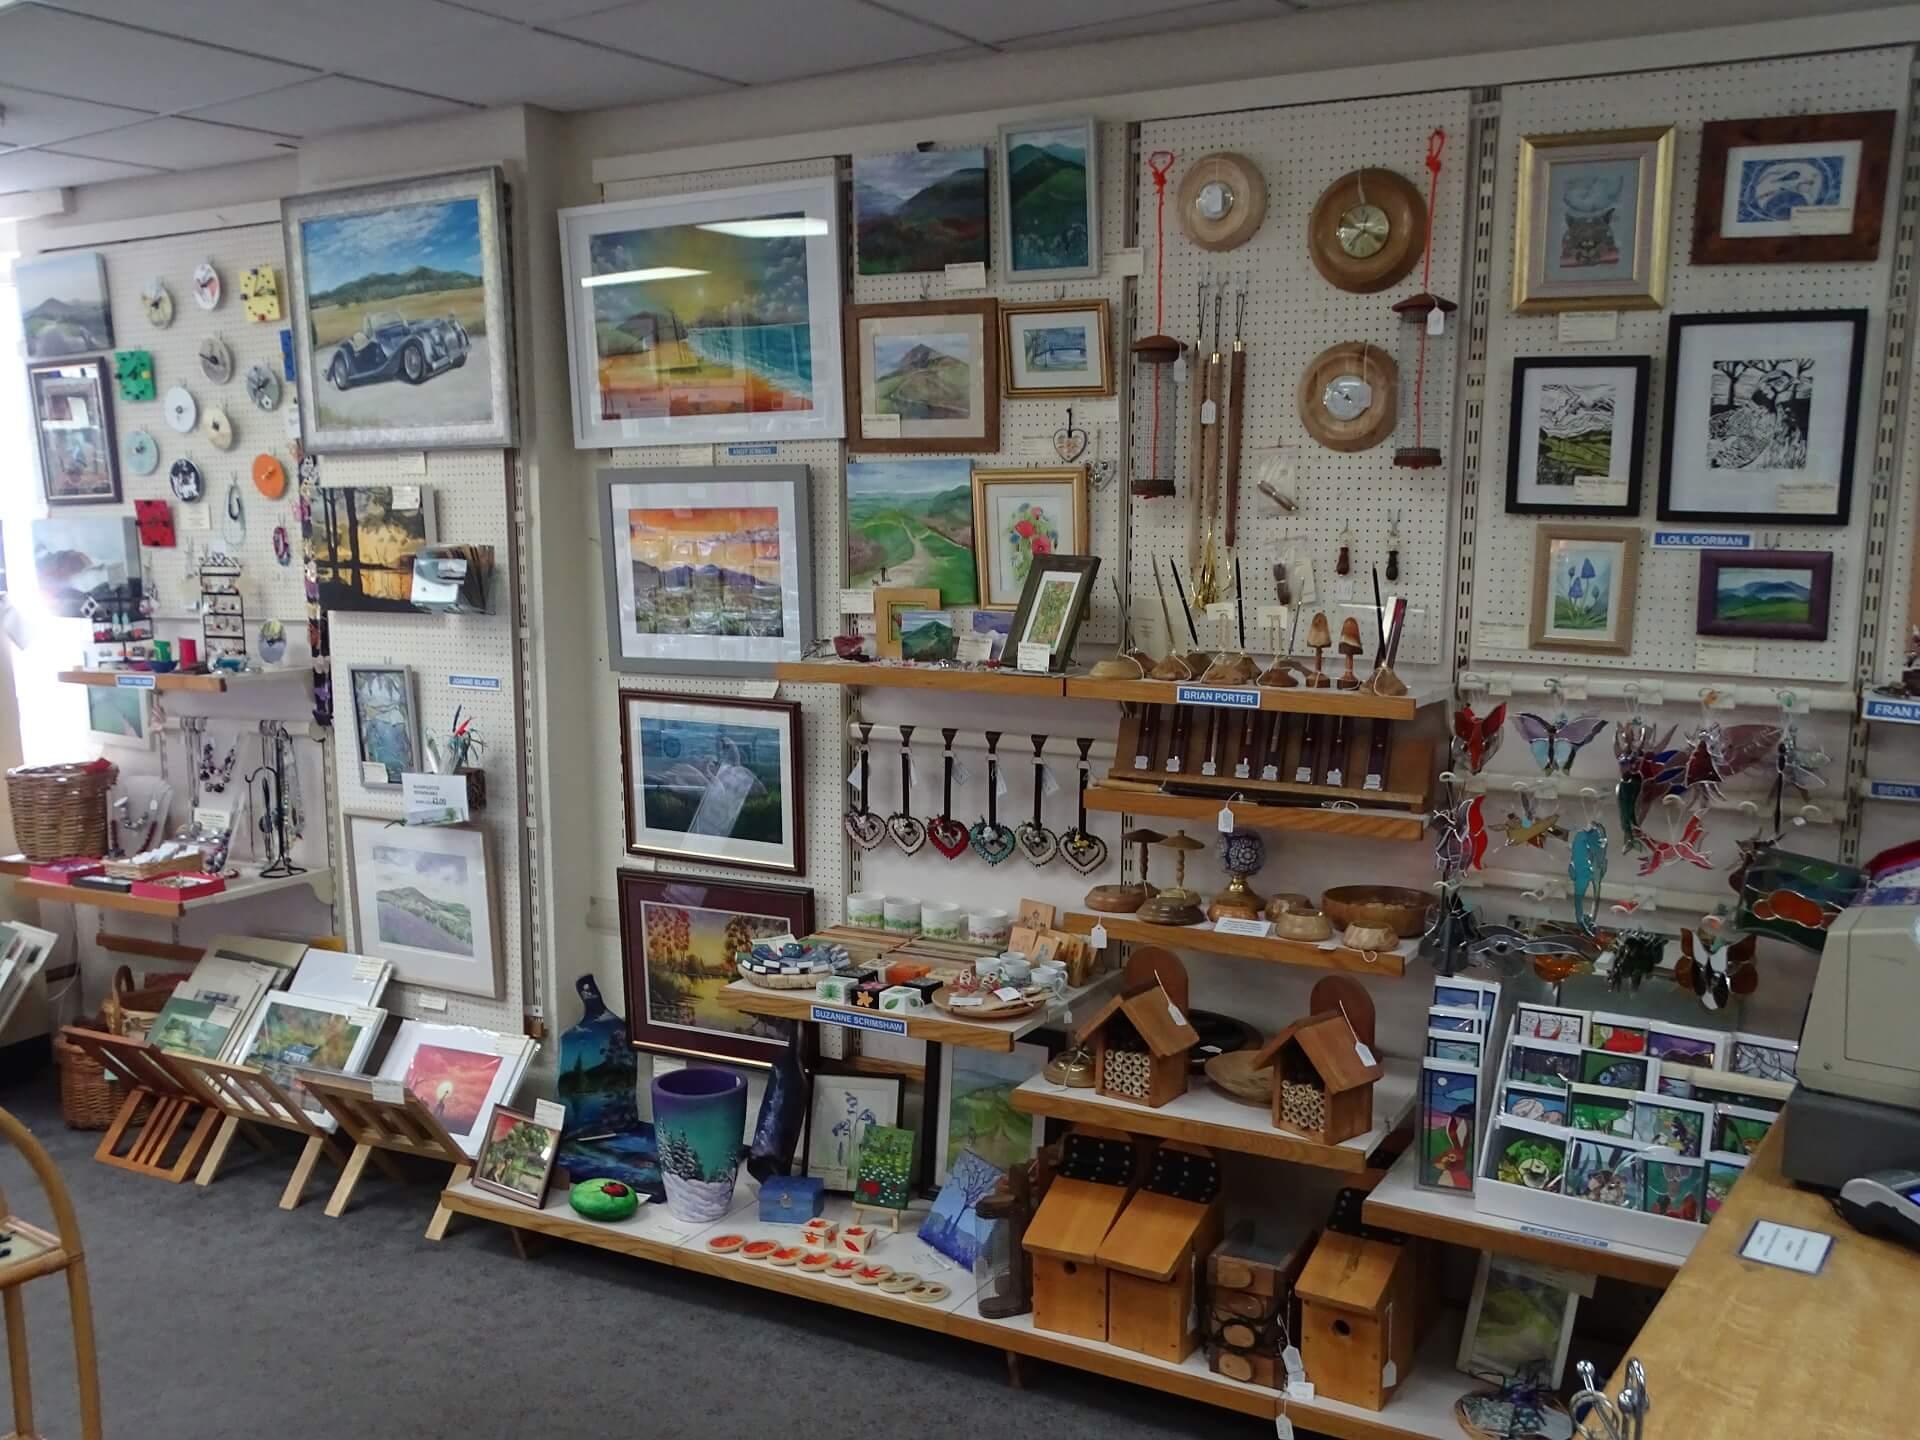 Malvern Hills Gallery 1